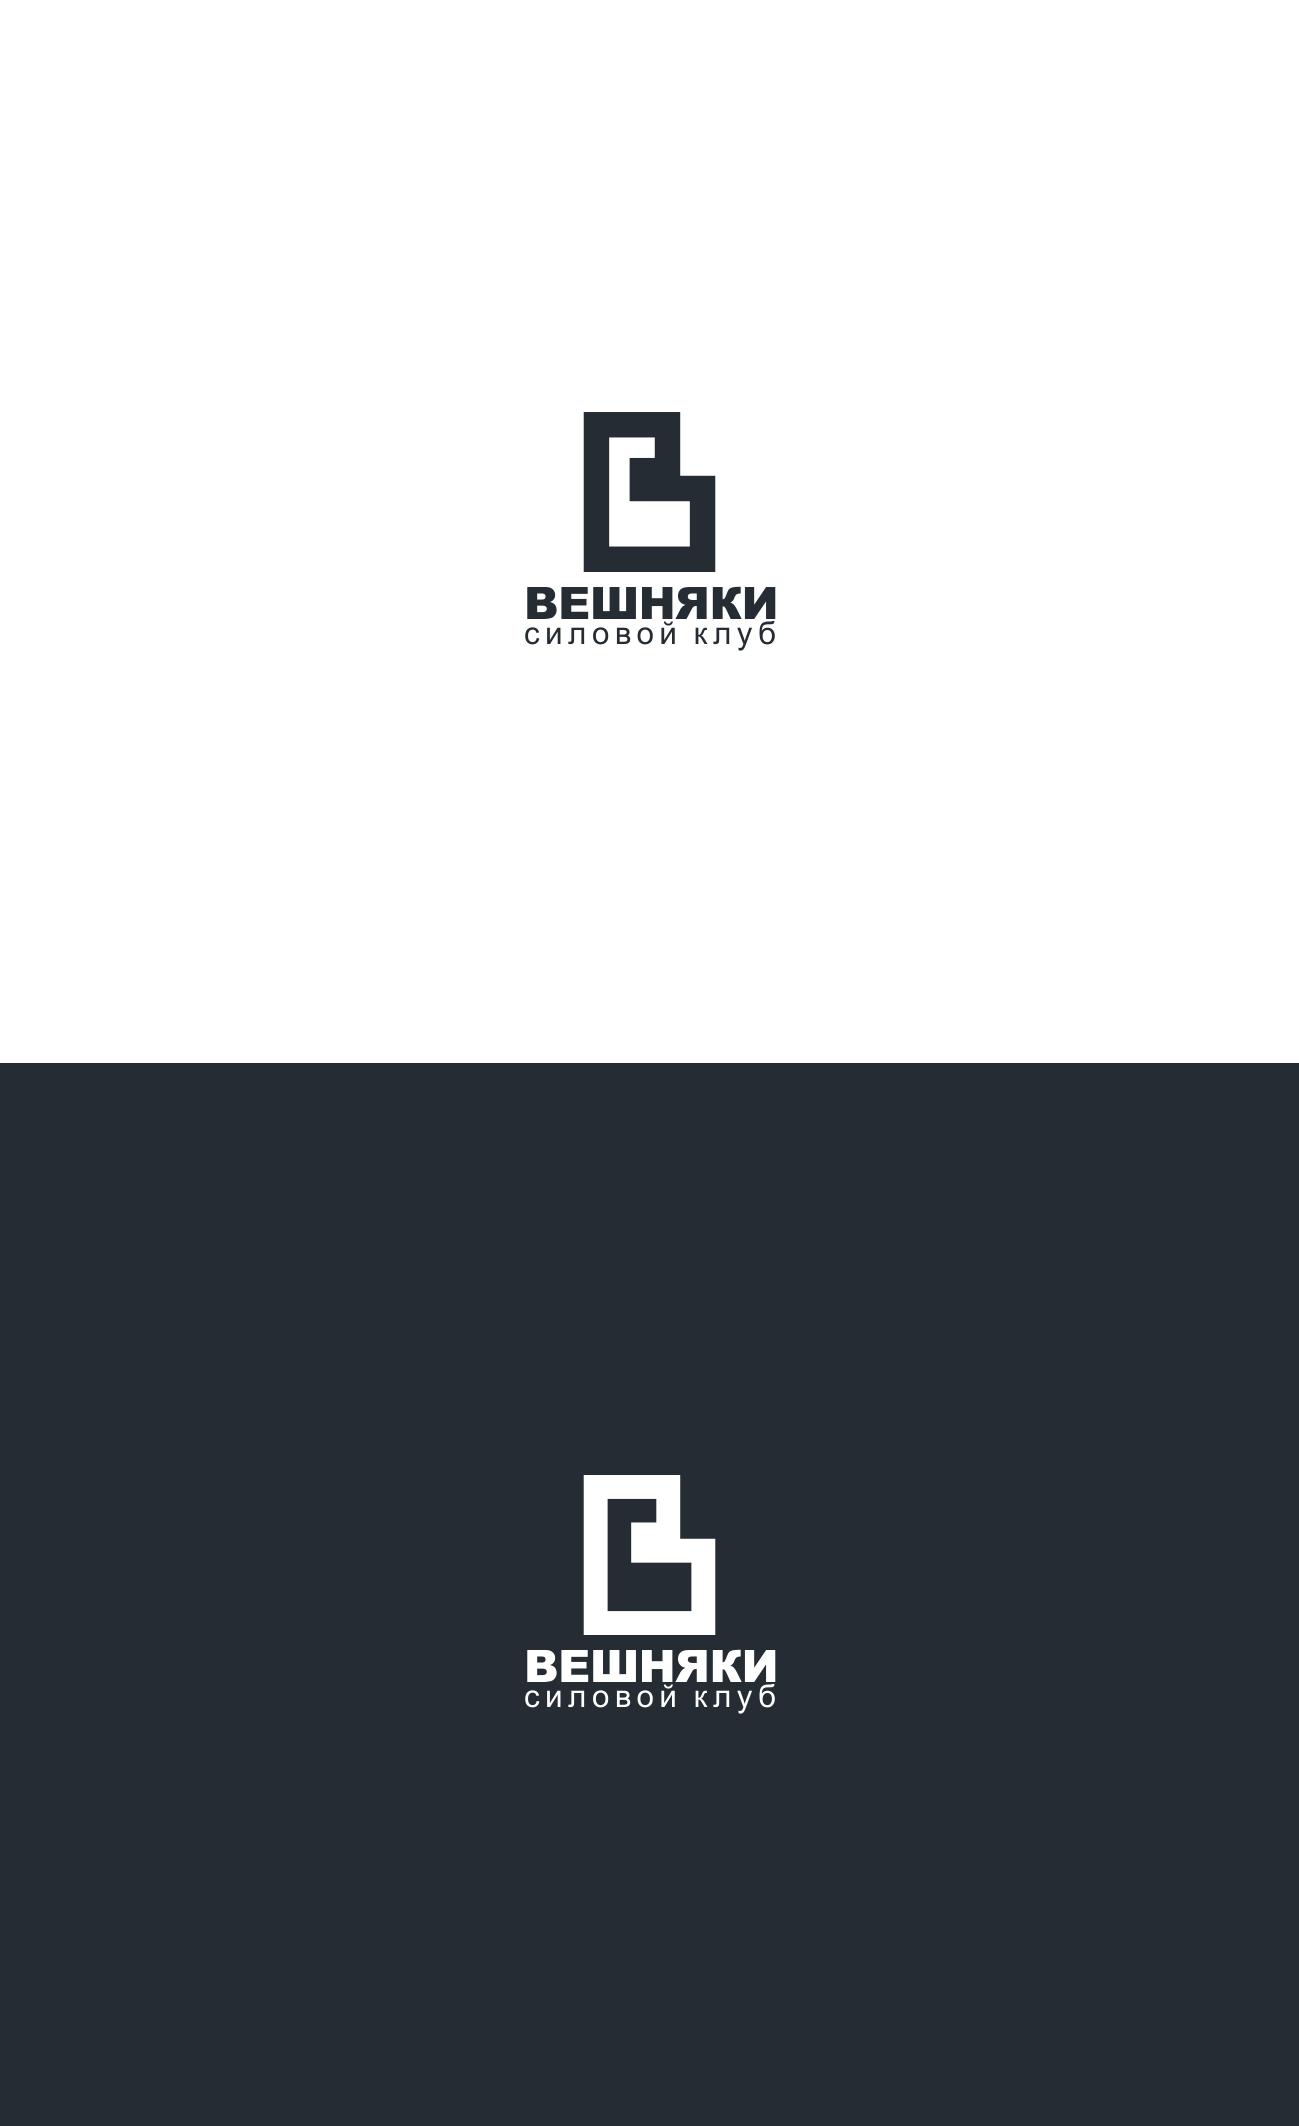 Адаптация (разработка) логотипа Силового клуба ВЕШНЯКИ в инт фото f_7105fbfbb68ca9f0.jpg